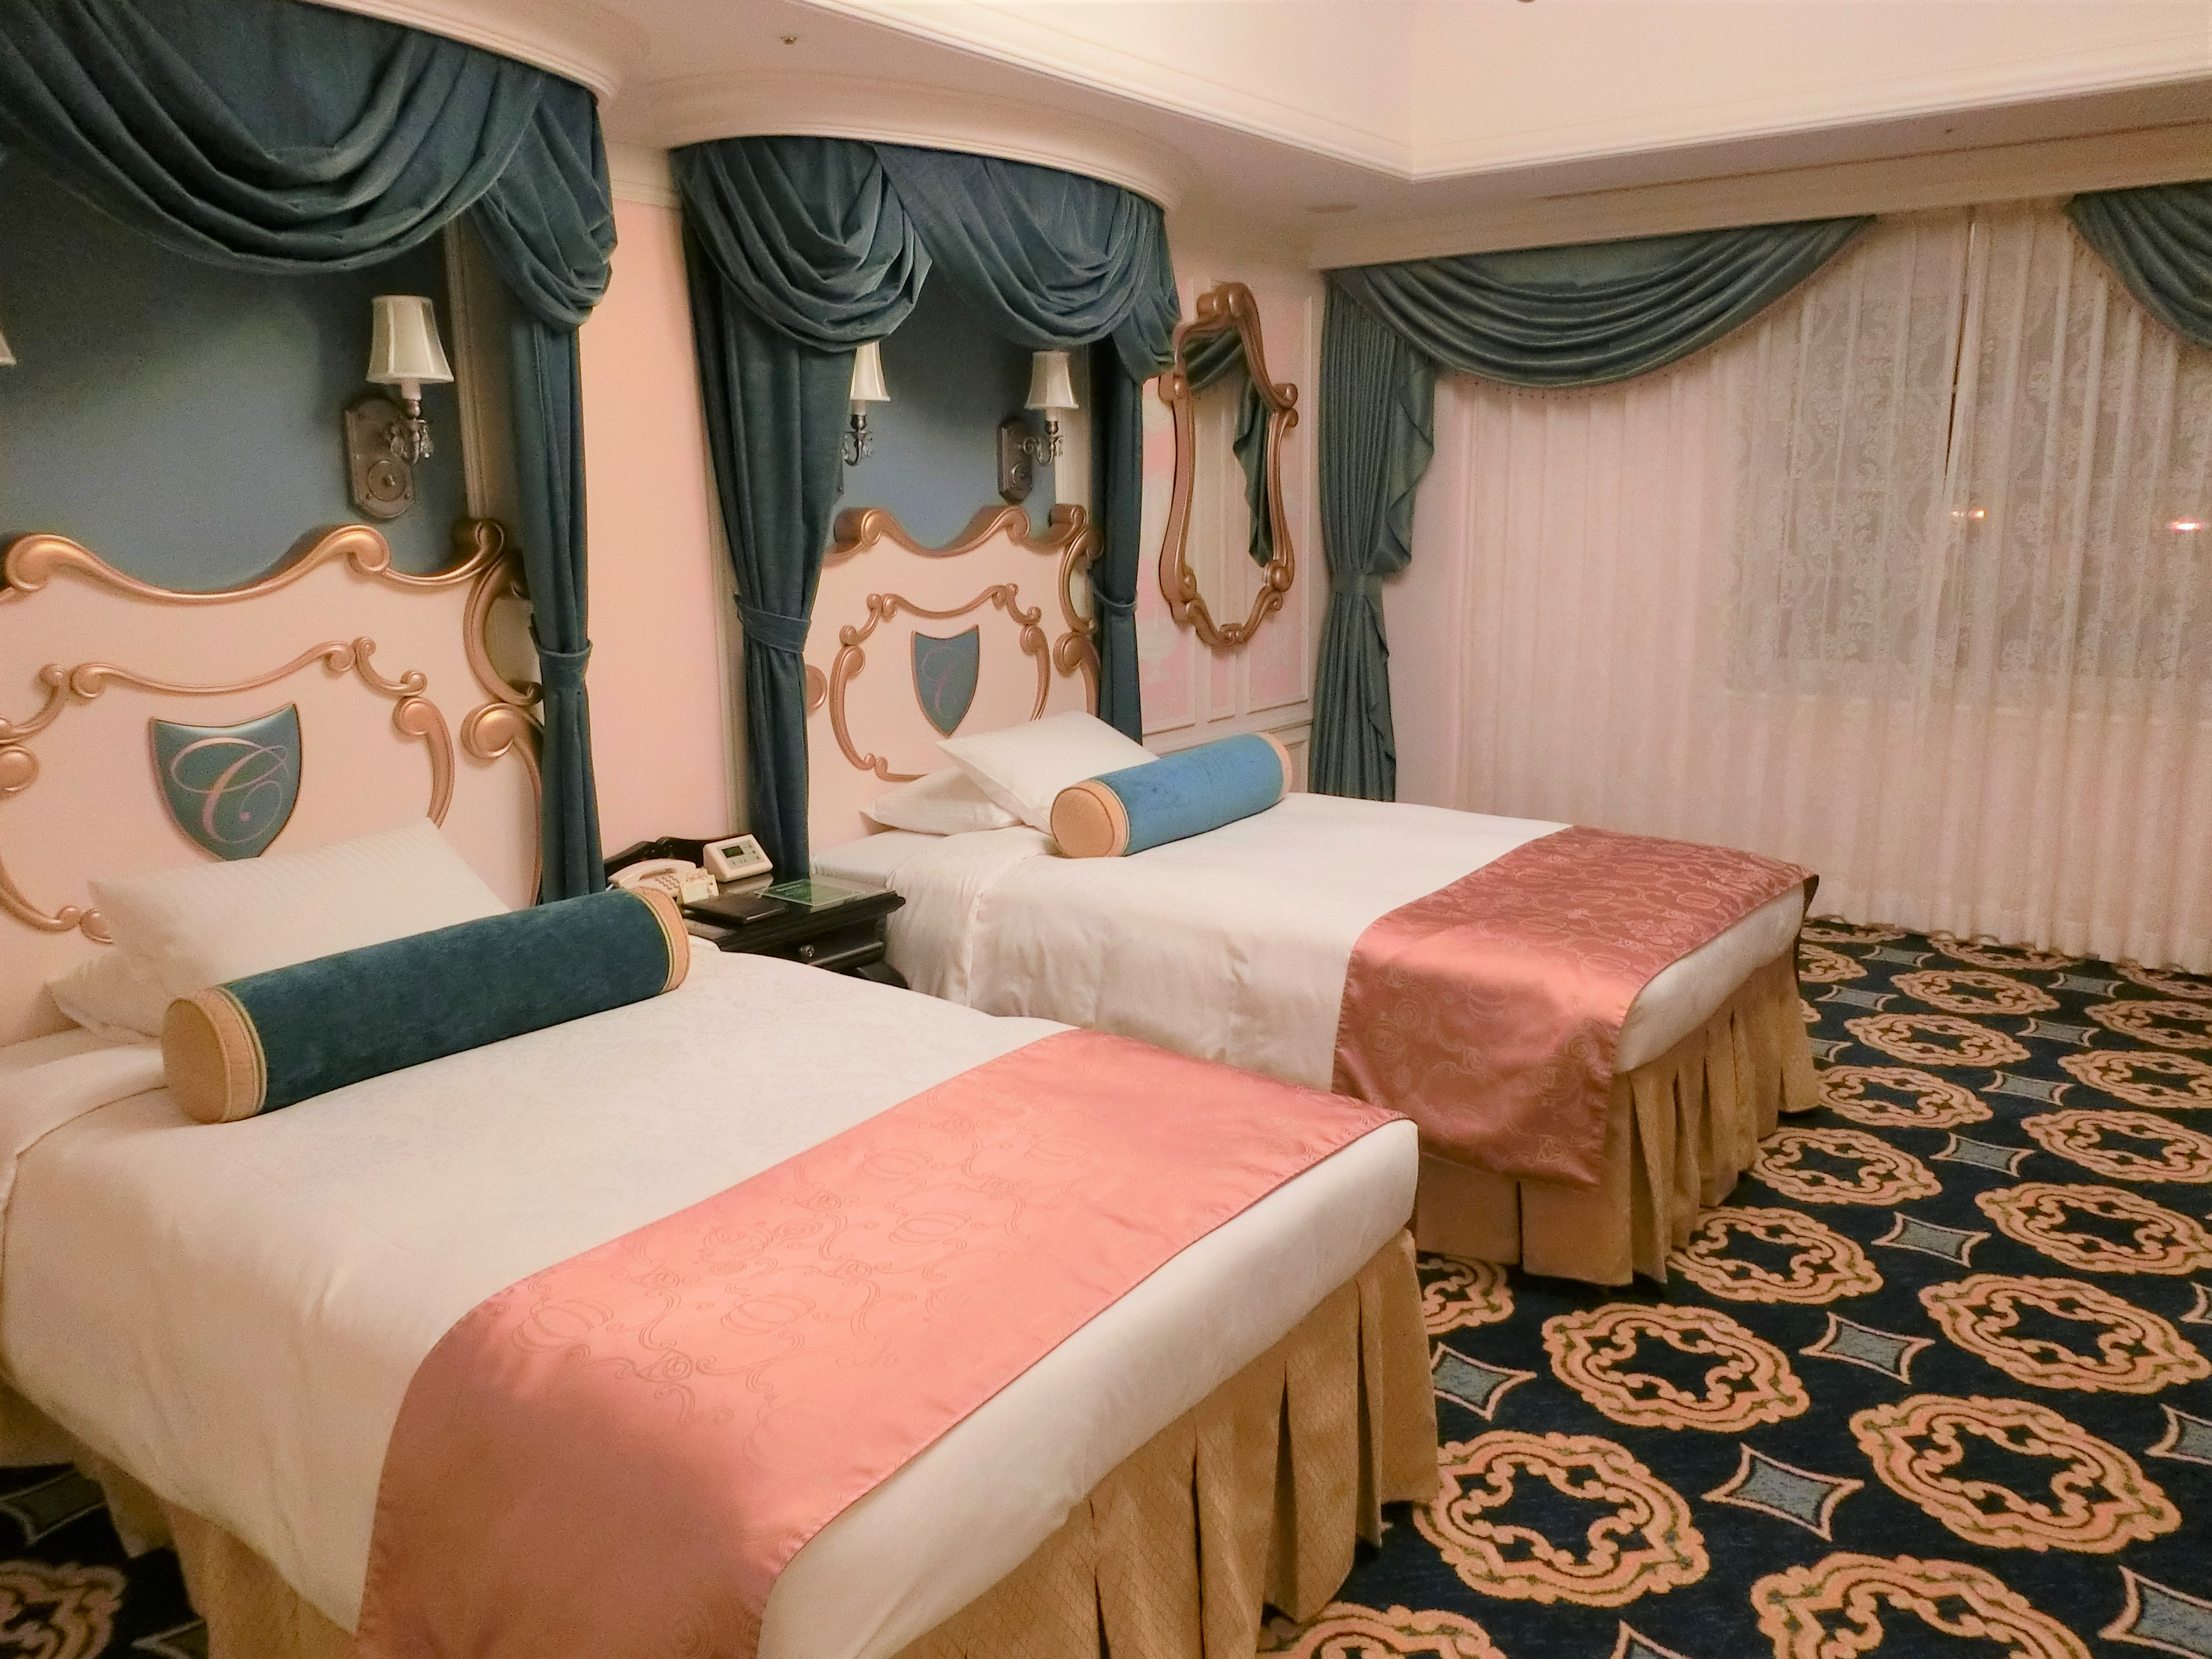 ディズニーランドホテル・シンデレラルームに宿泊してきた!【写真26枚